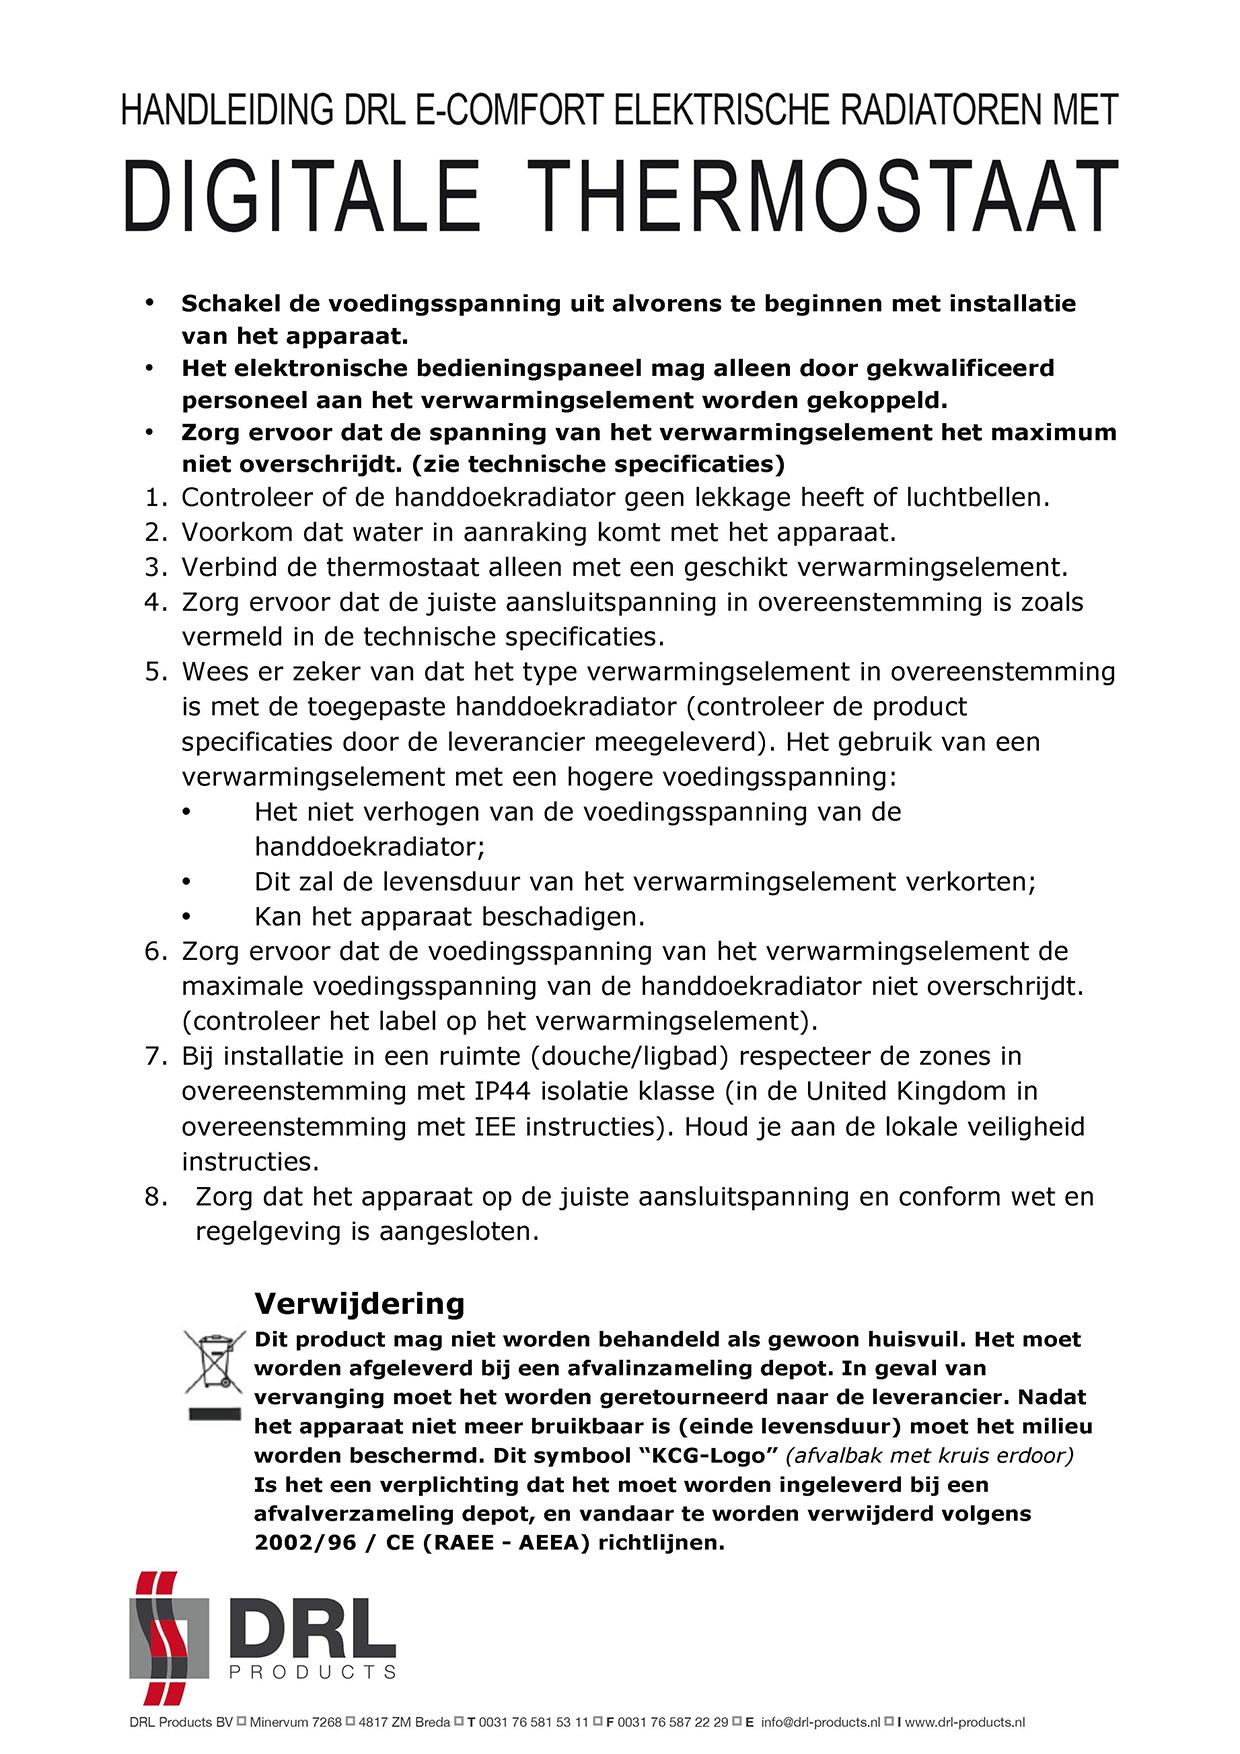 H_70_DRL_E_Comfort_Claudia_DIGITAAL_Thermostaat_GebruikersInstructie_NL_Pagina_08_WEB